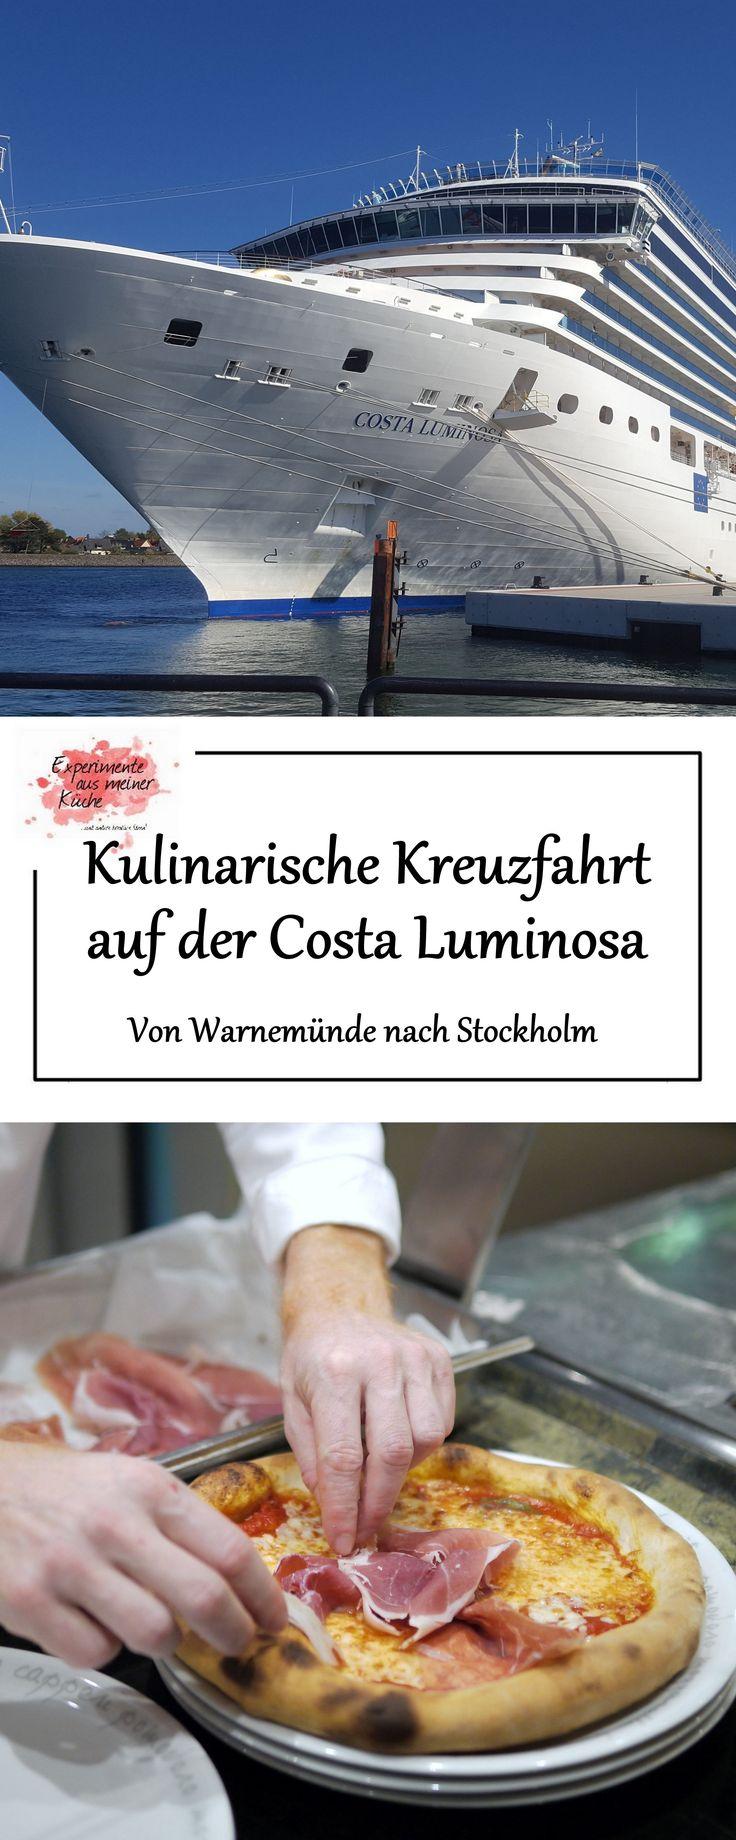 Kulinarische Kreuzfahrt auf der Costa Luminosa | Von Warnemünde nach Stockholm | Reisen